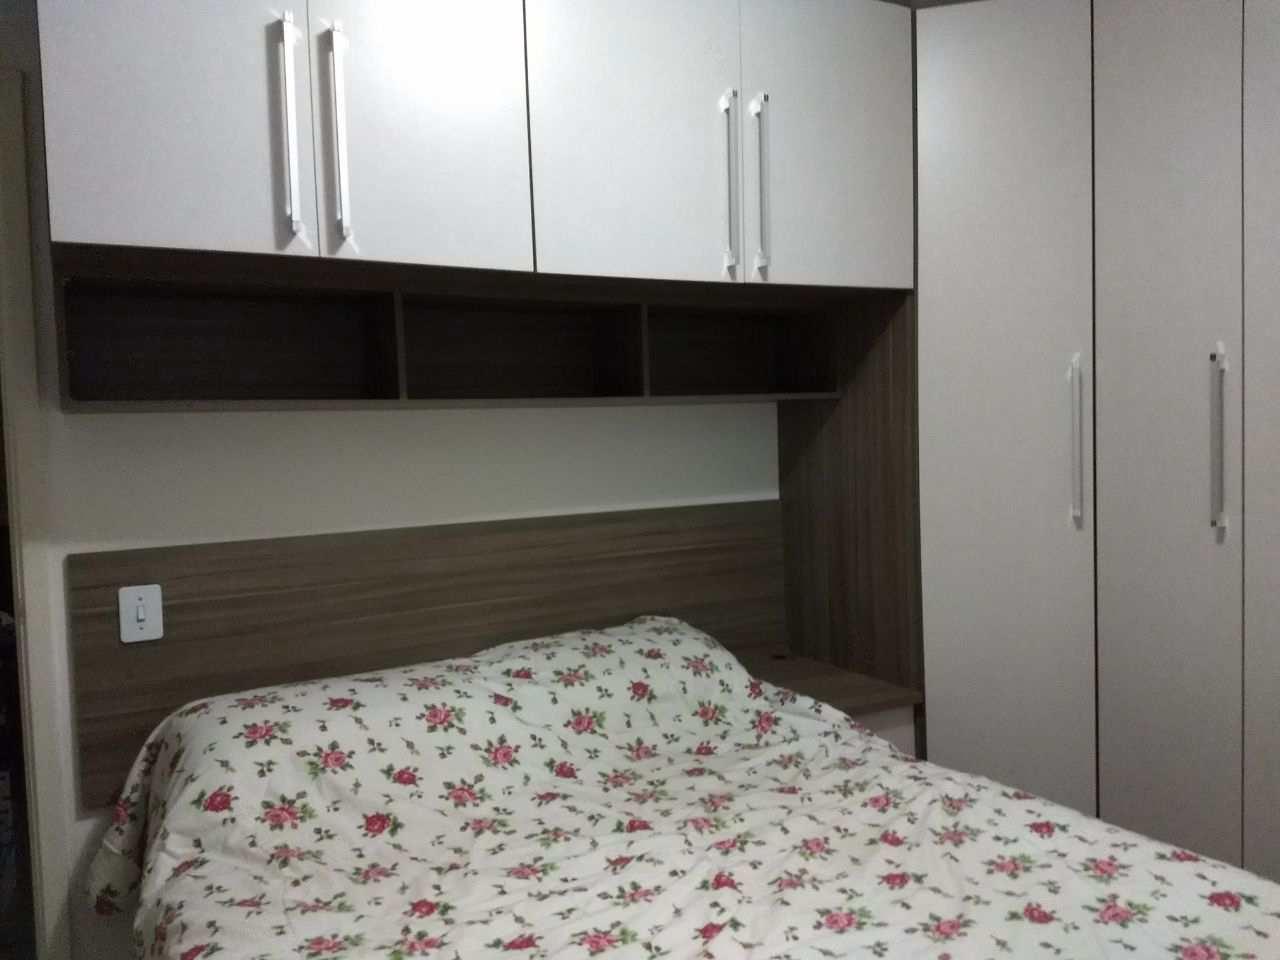 Sobrado com 1 dorm, Parque Paraíso, Itapecerica da Serra - R$ 350 mil, Cod: 1333